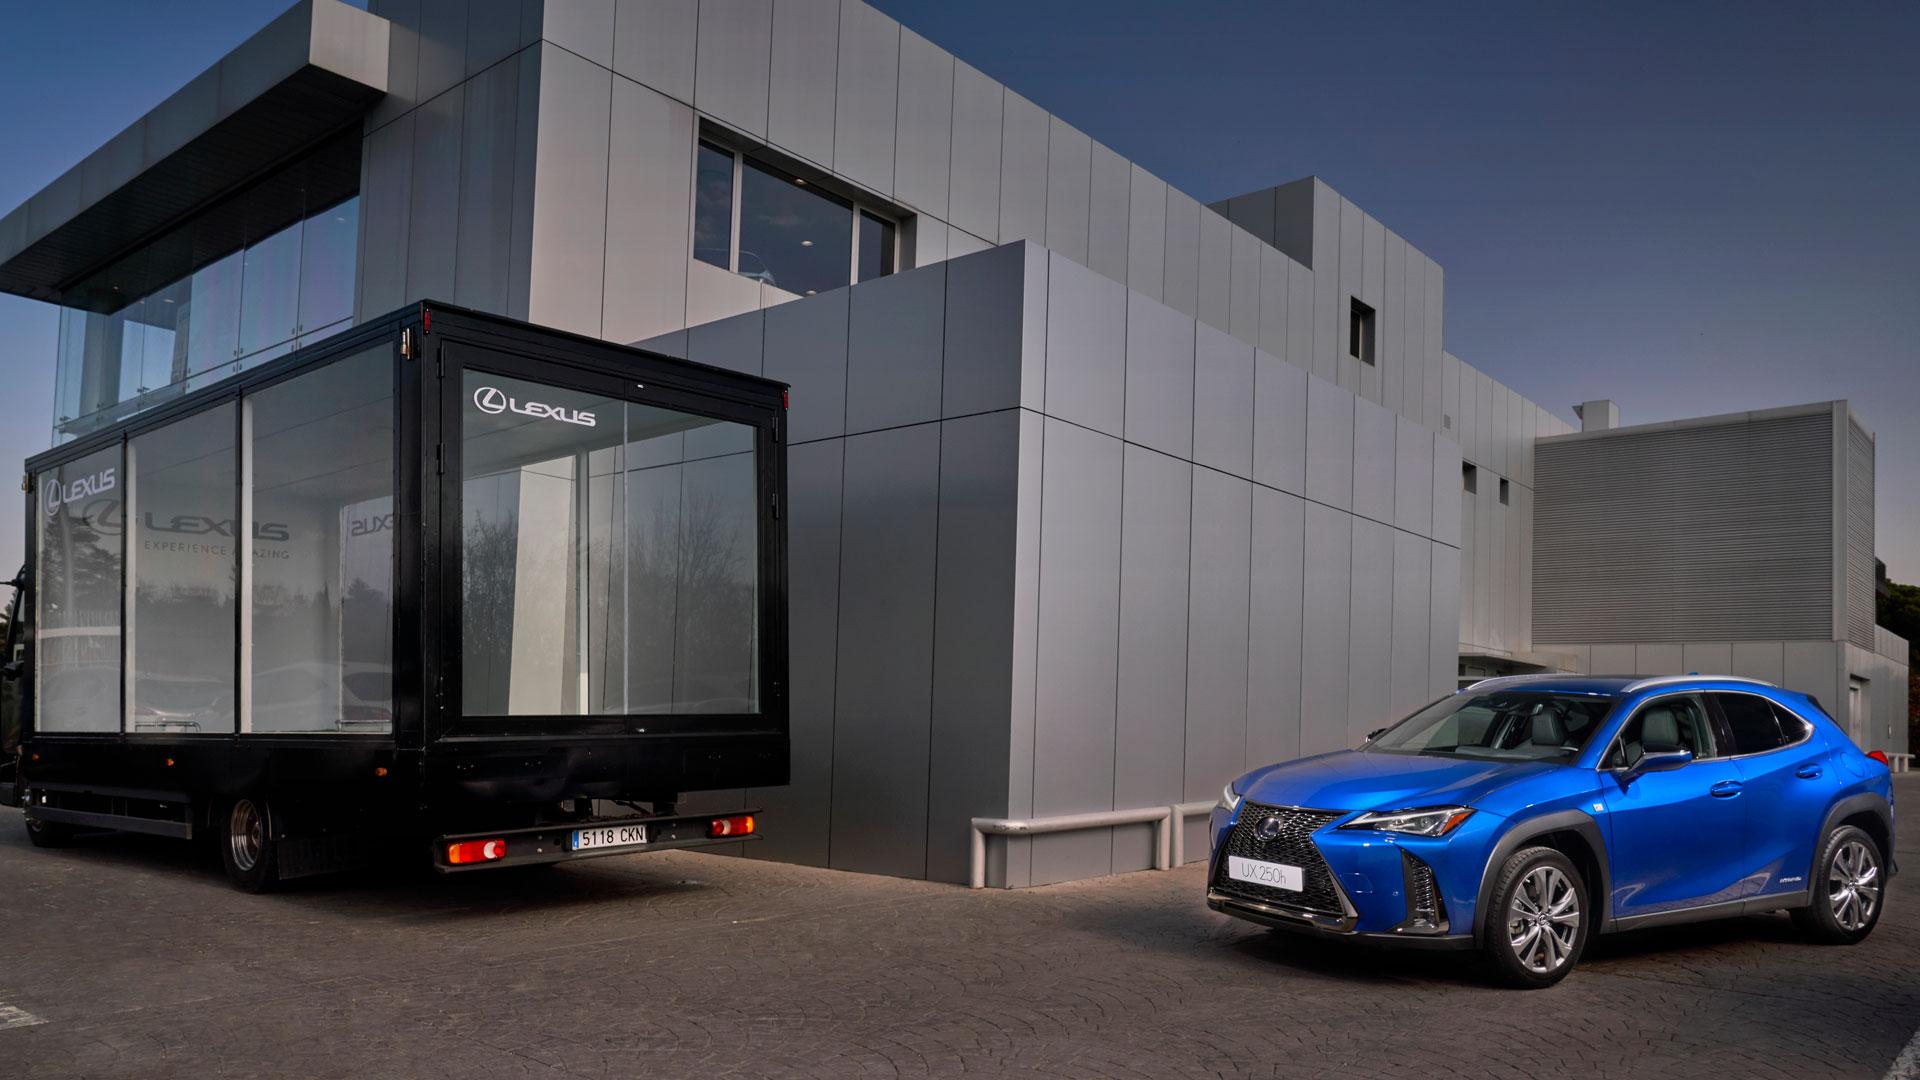 Imagen del nuevo UX 250h dentro de un camión transparente